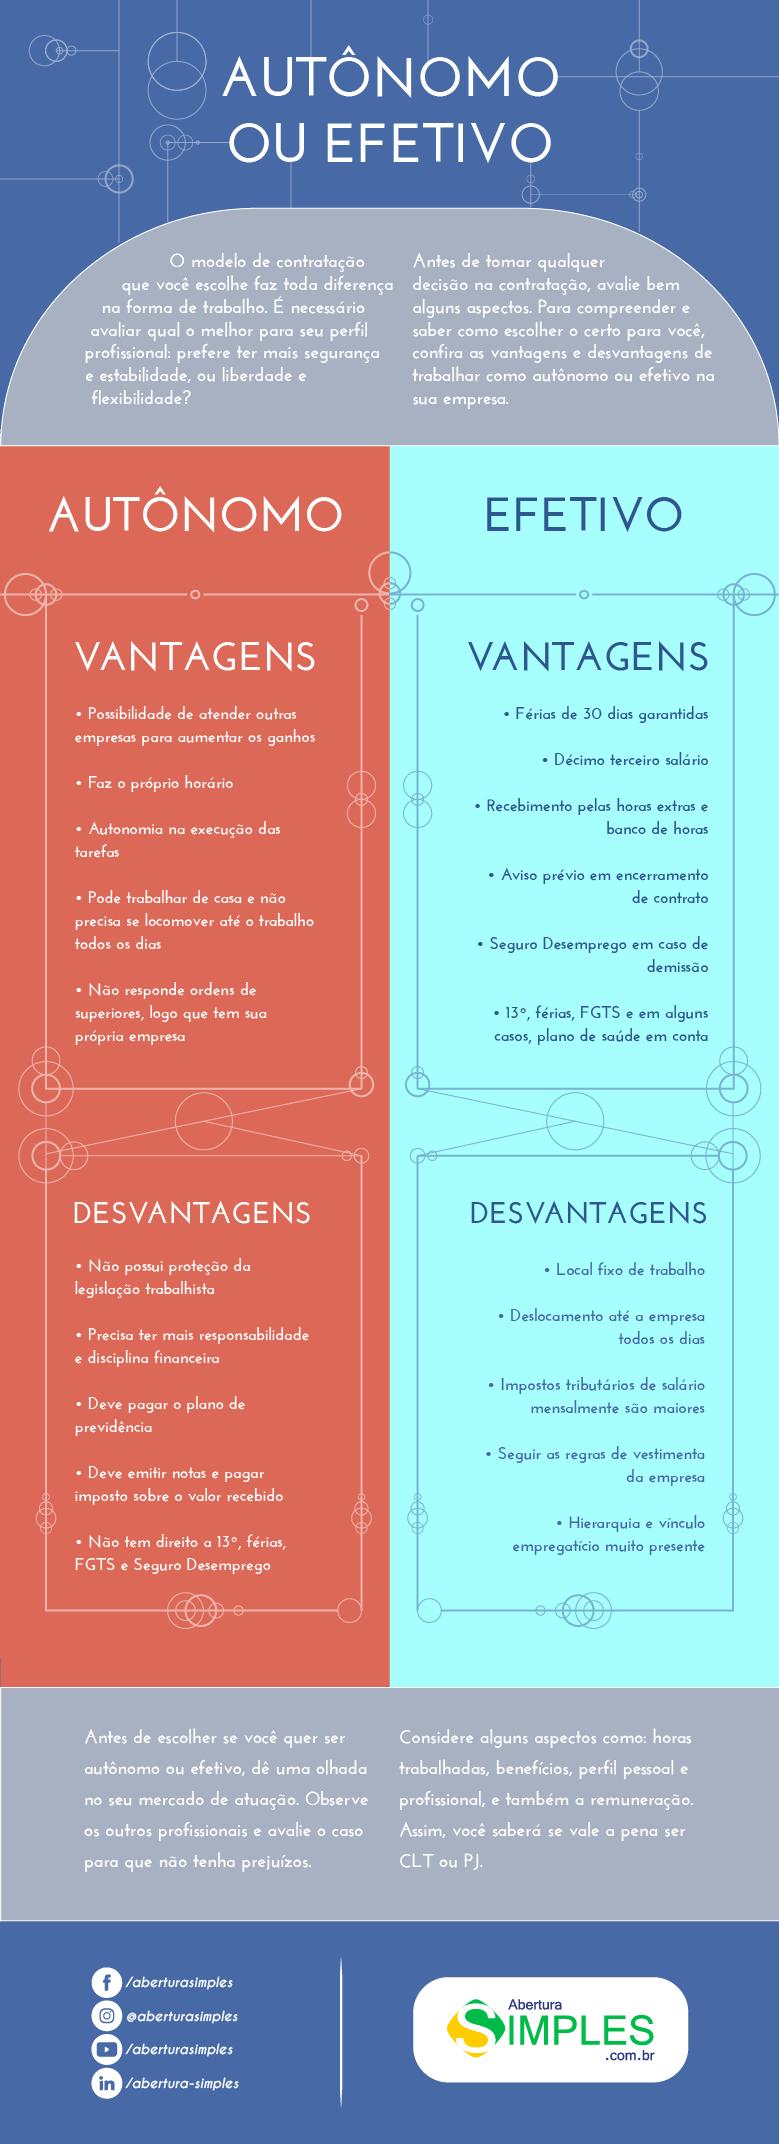 infográfico de opções de trabalho como Autônomo ou Efetivo